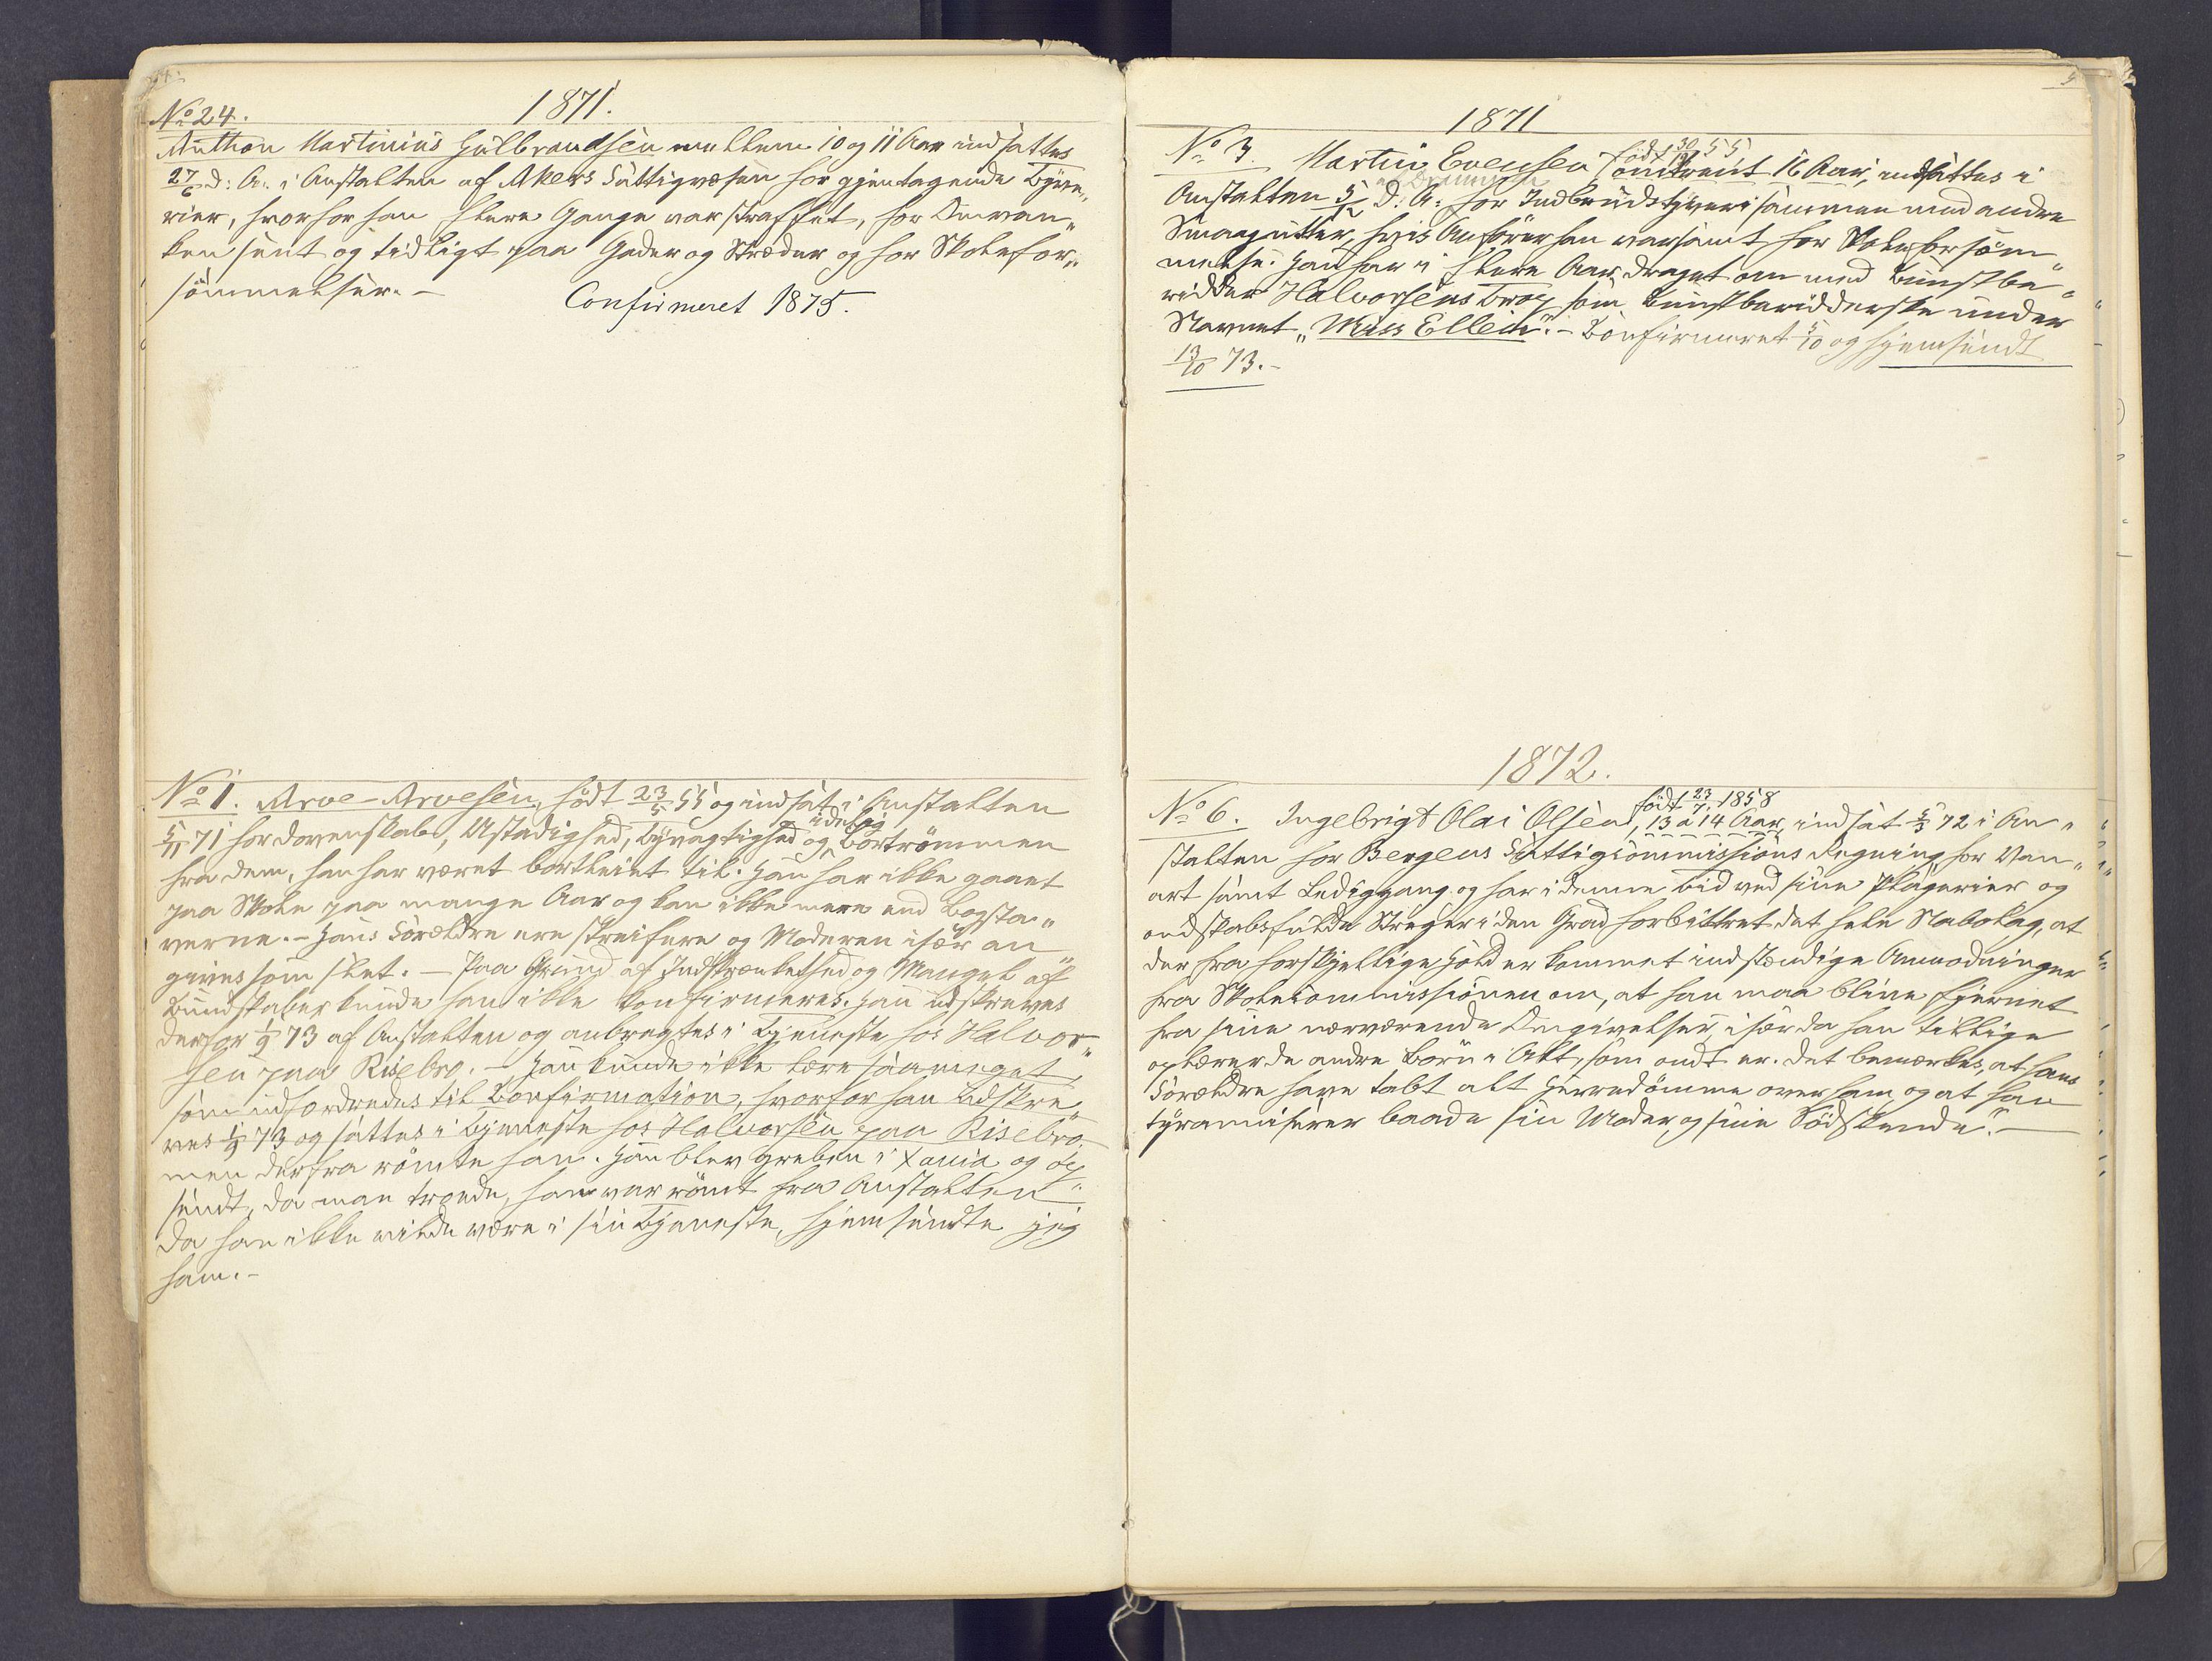 SAH, Toftes Gave, F/Fc/L0002: Elevprotokoll, 1870-1885, s. 4-5